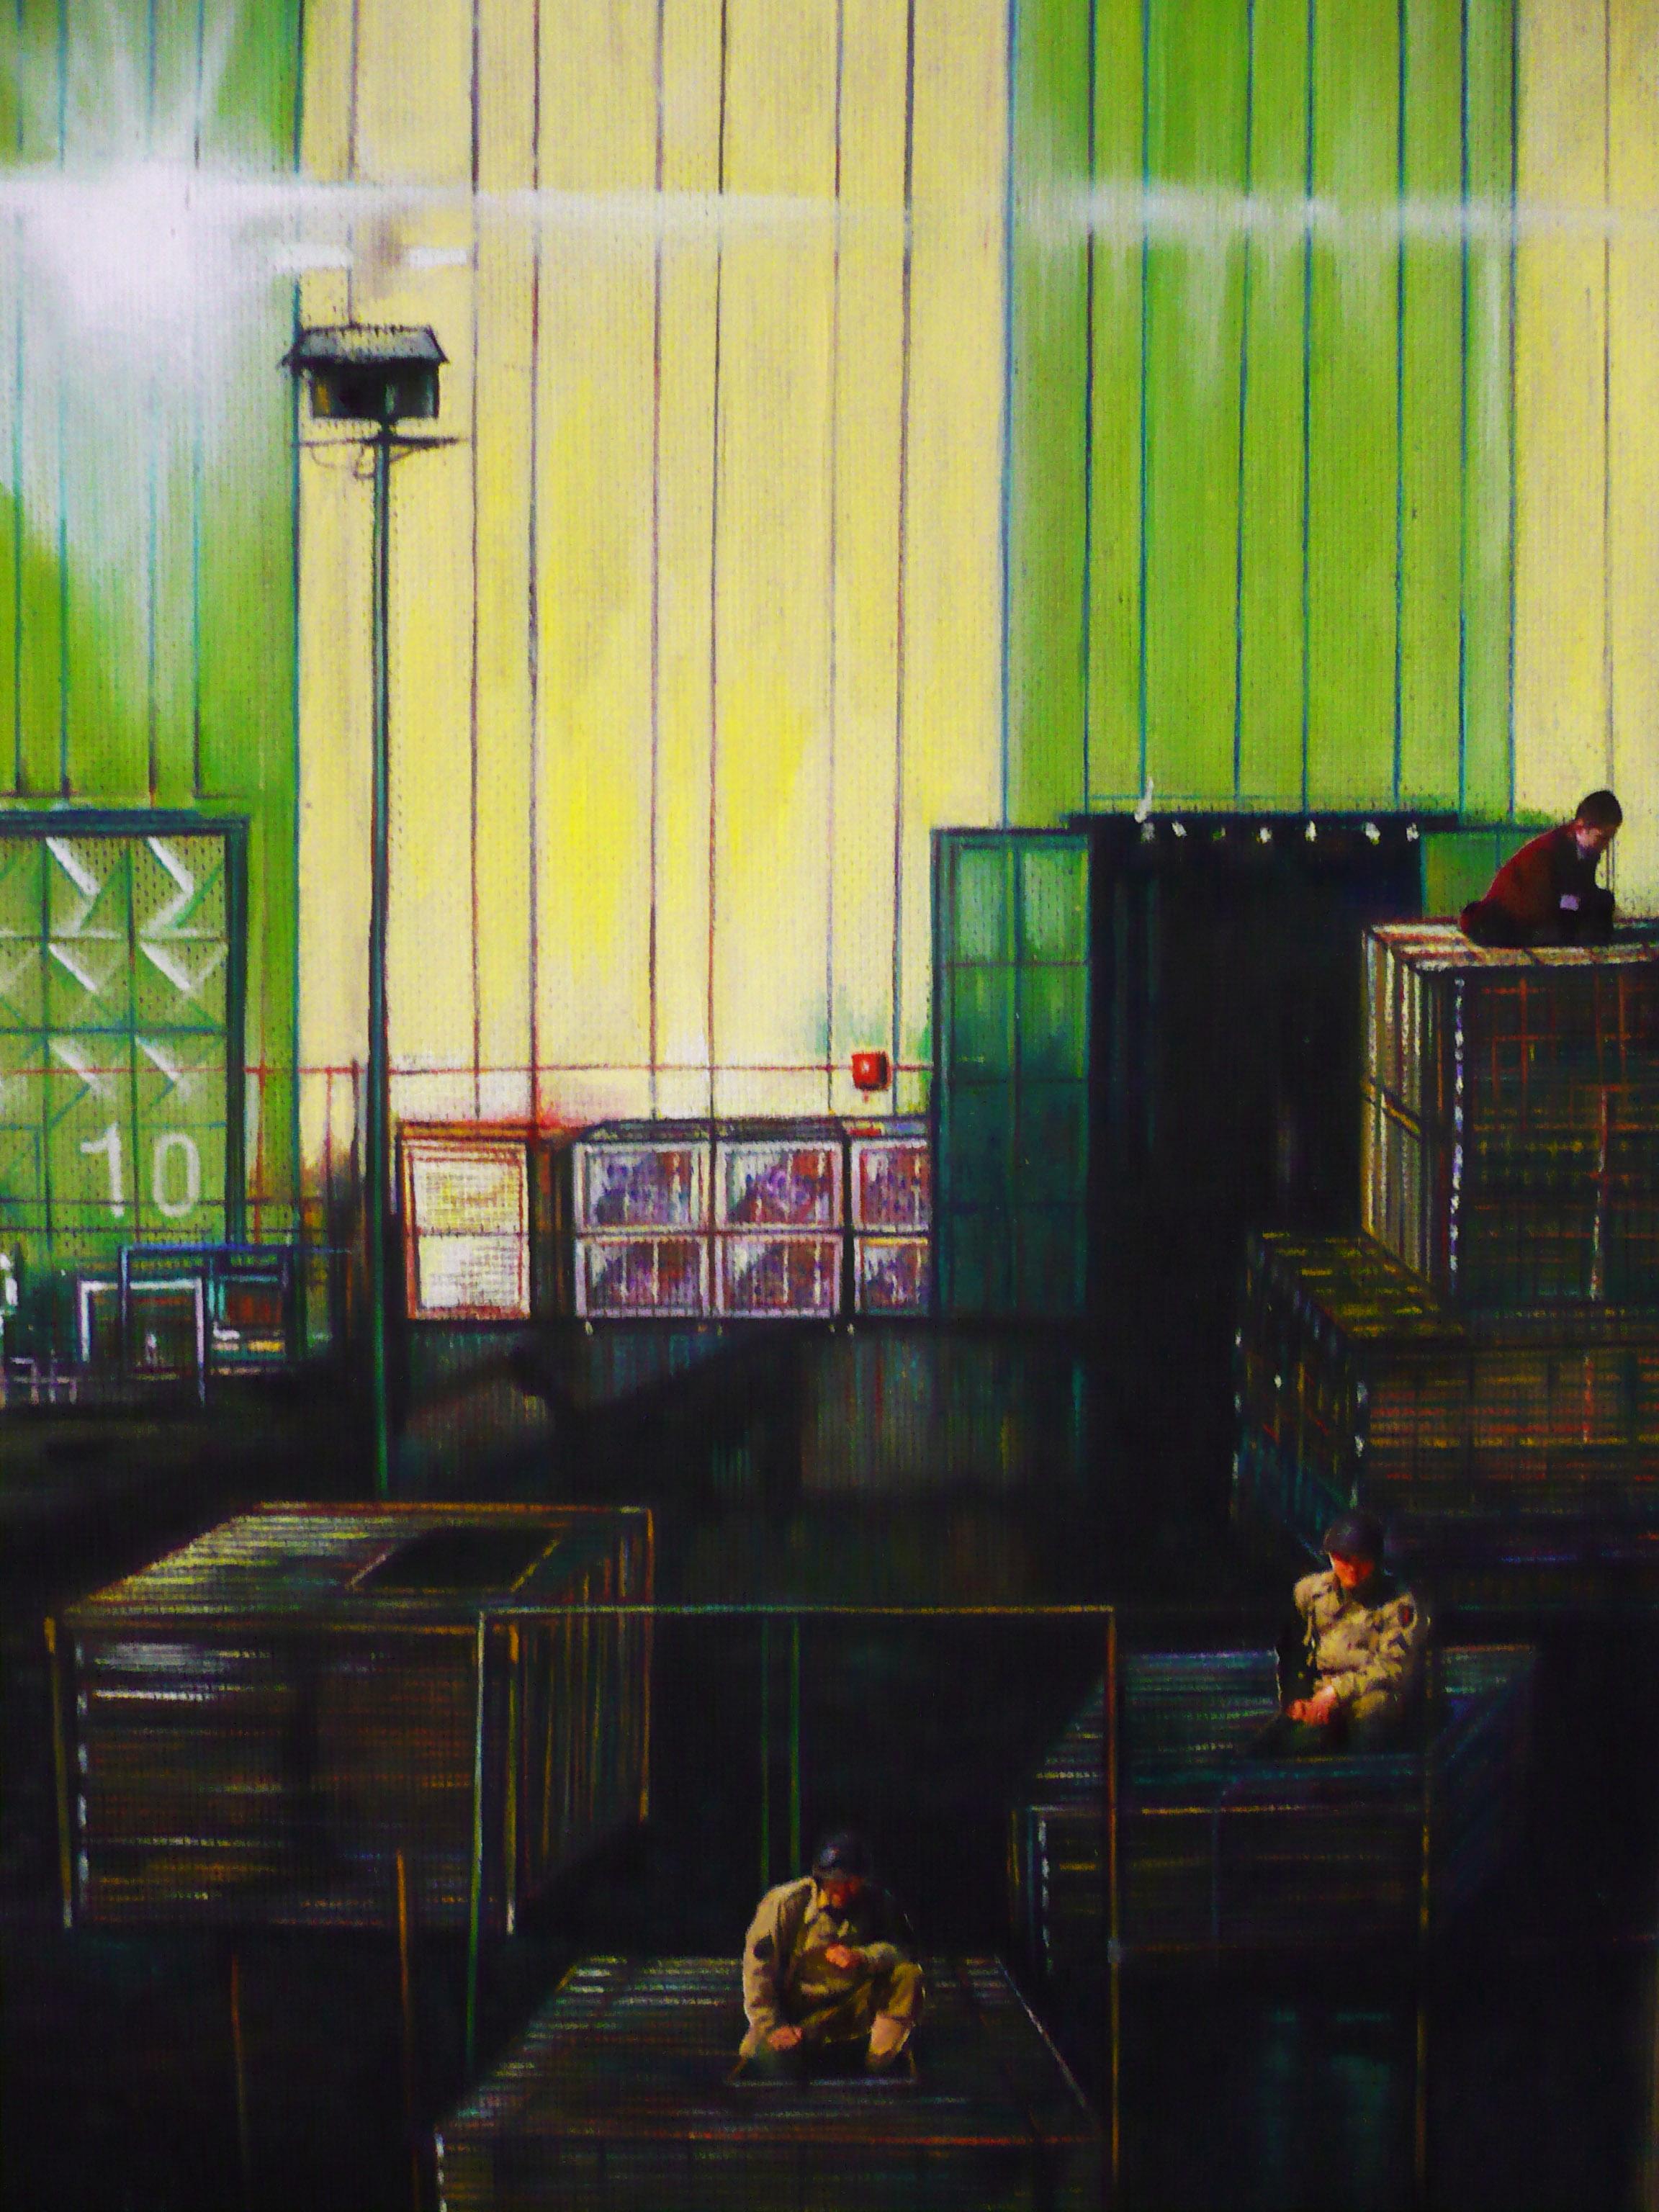 Deposito militare - tecnica mista su tavola – cm 30 x 40 – 2010